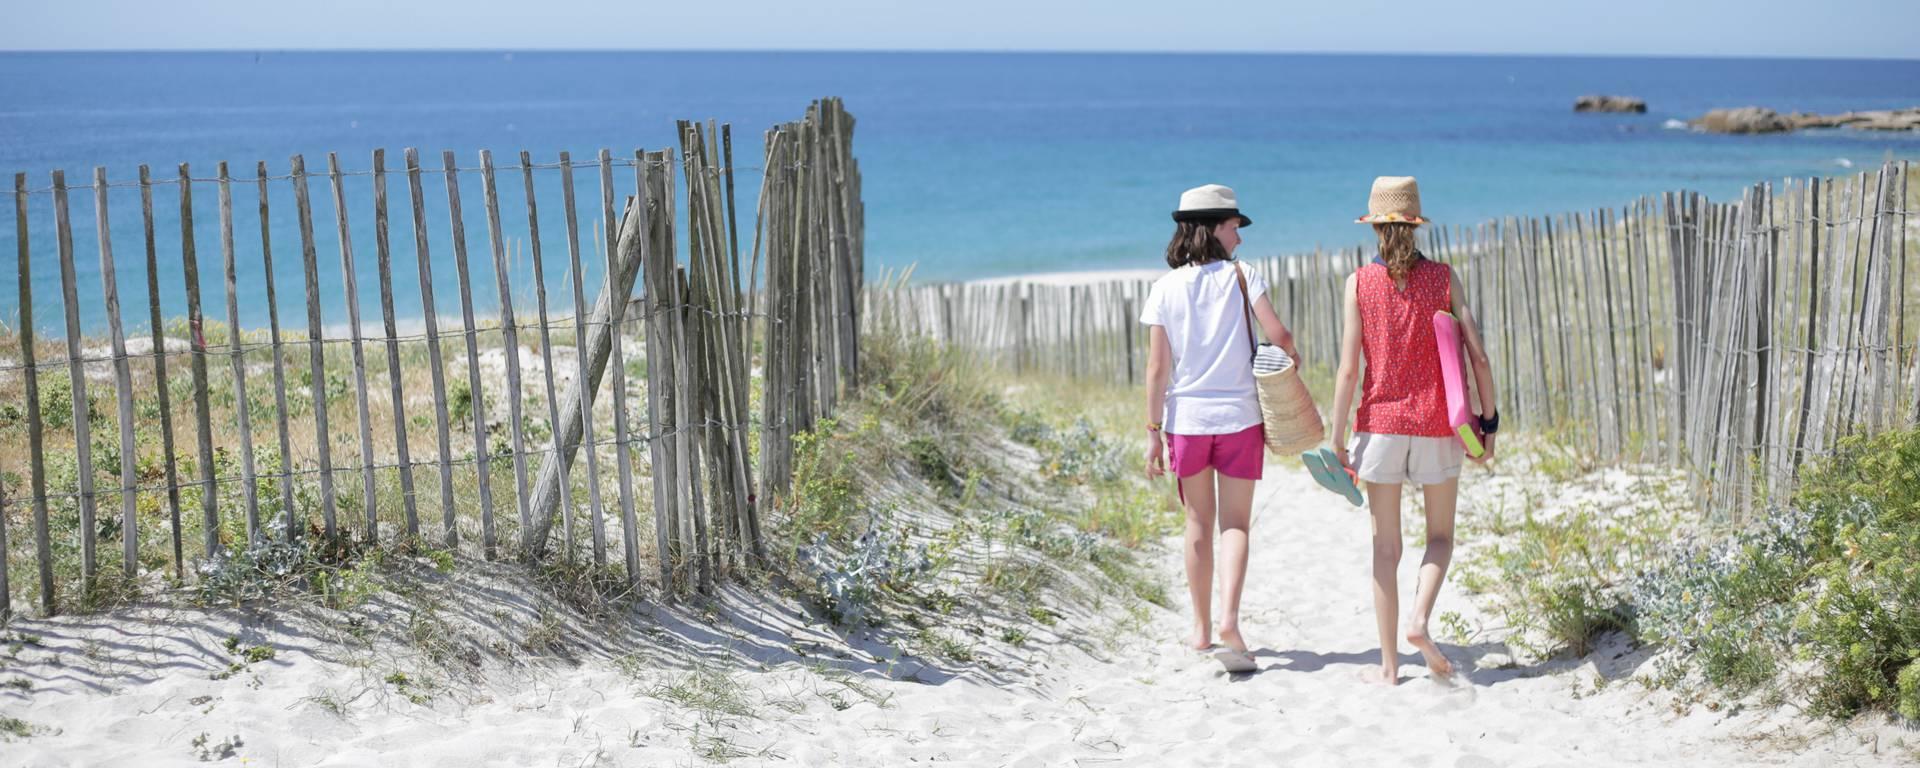 Balade à la plage - plage de Kersaux © E Cléret